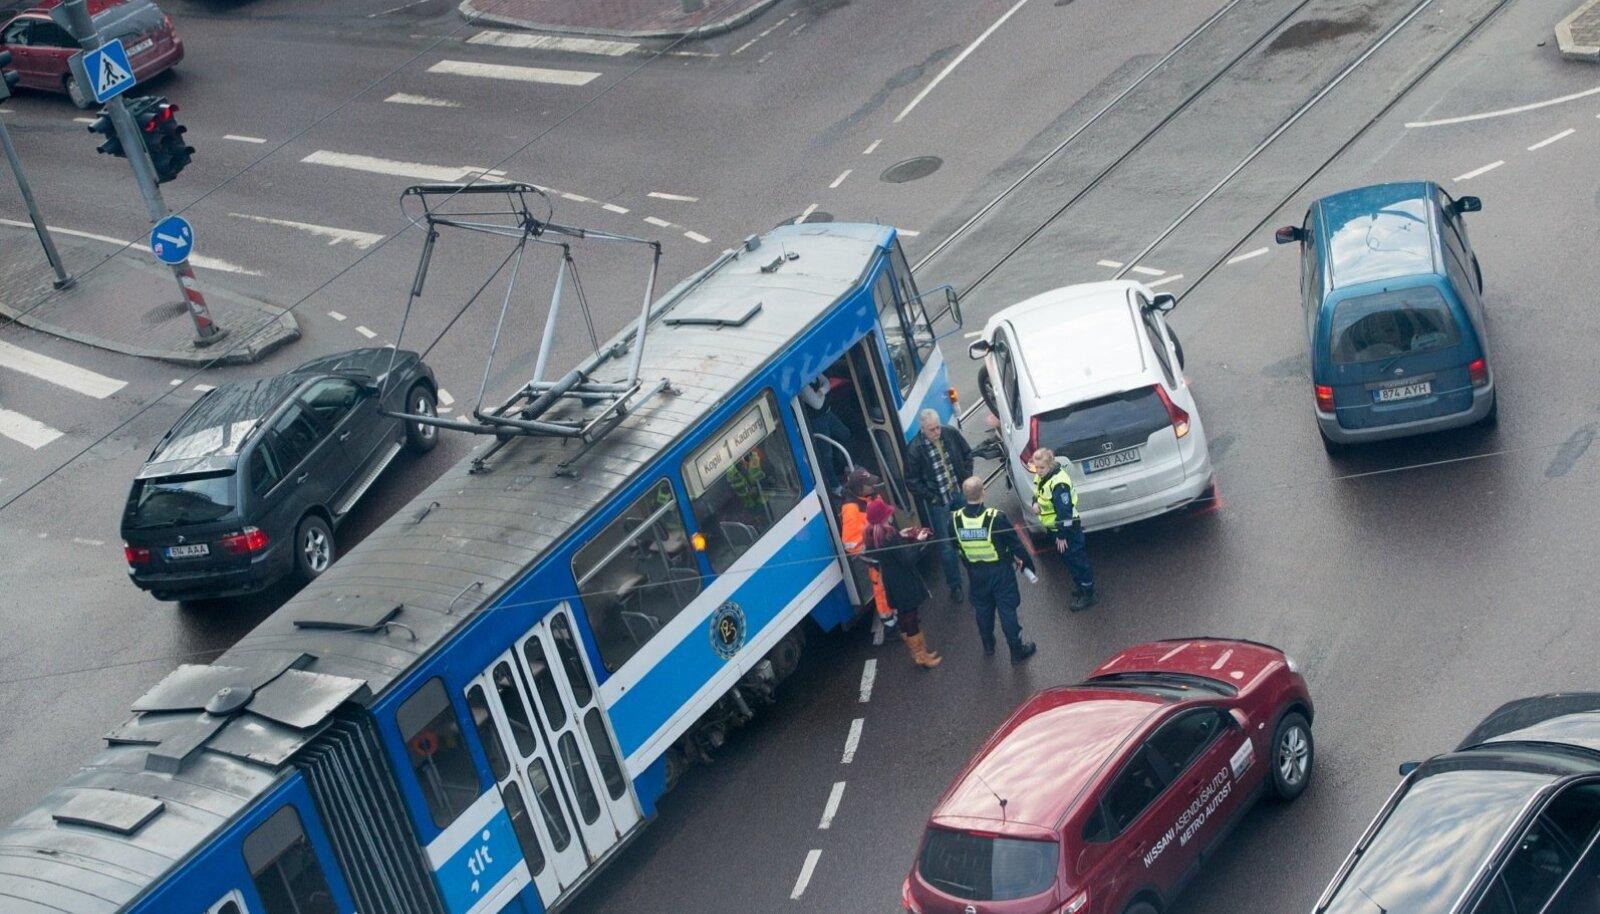 Plekimõlkimine Narva maantee ristmikul